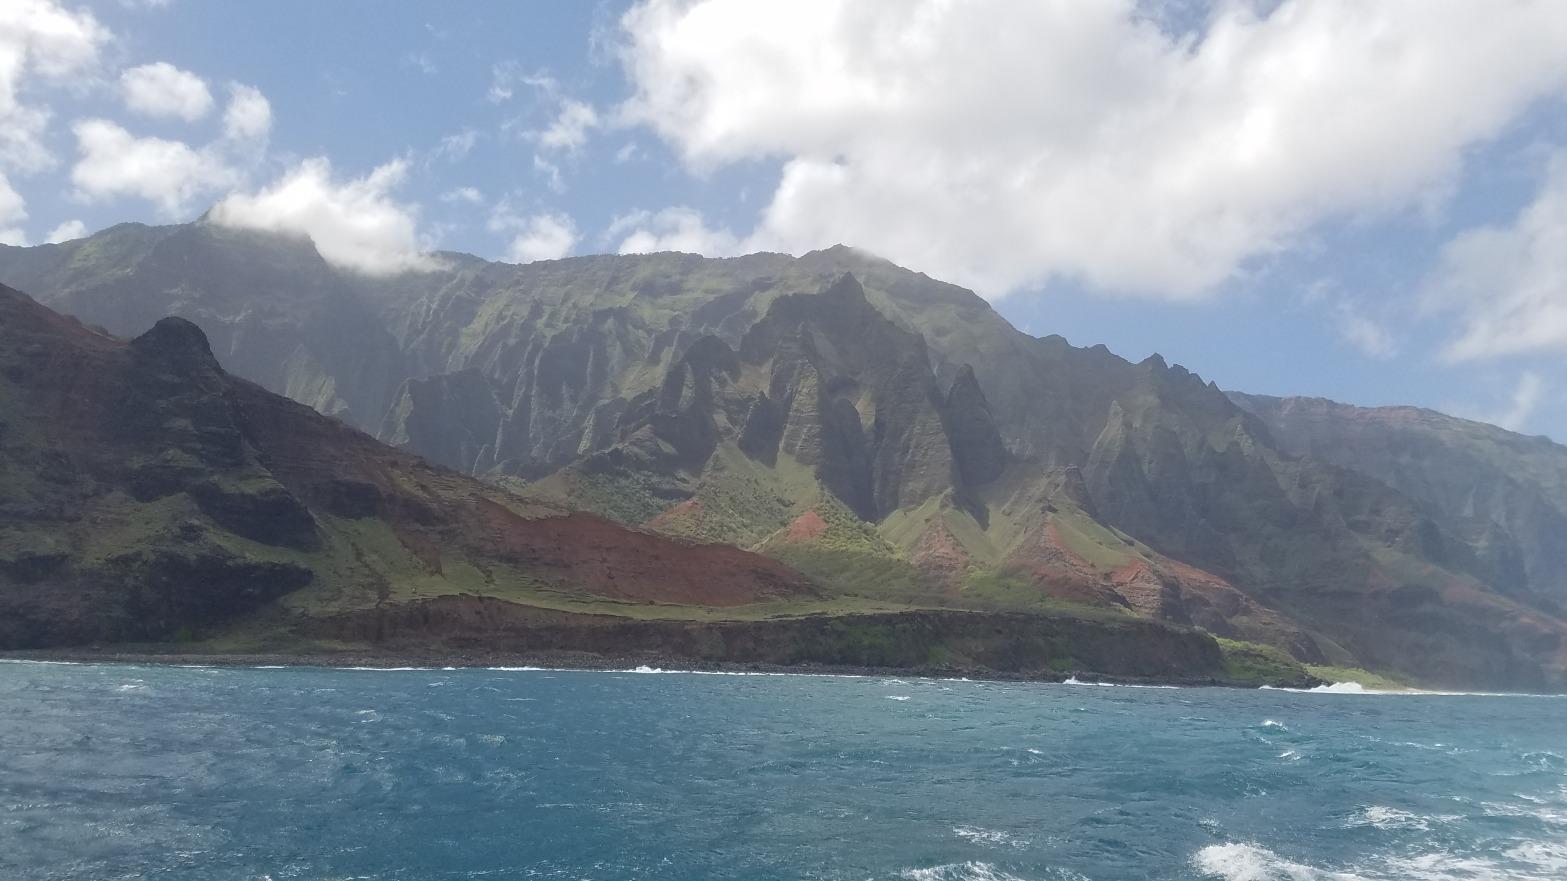 Kauai, Hawaii Travel Guide | Sail Along the Na Pali Coast